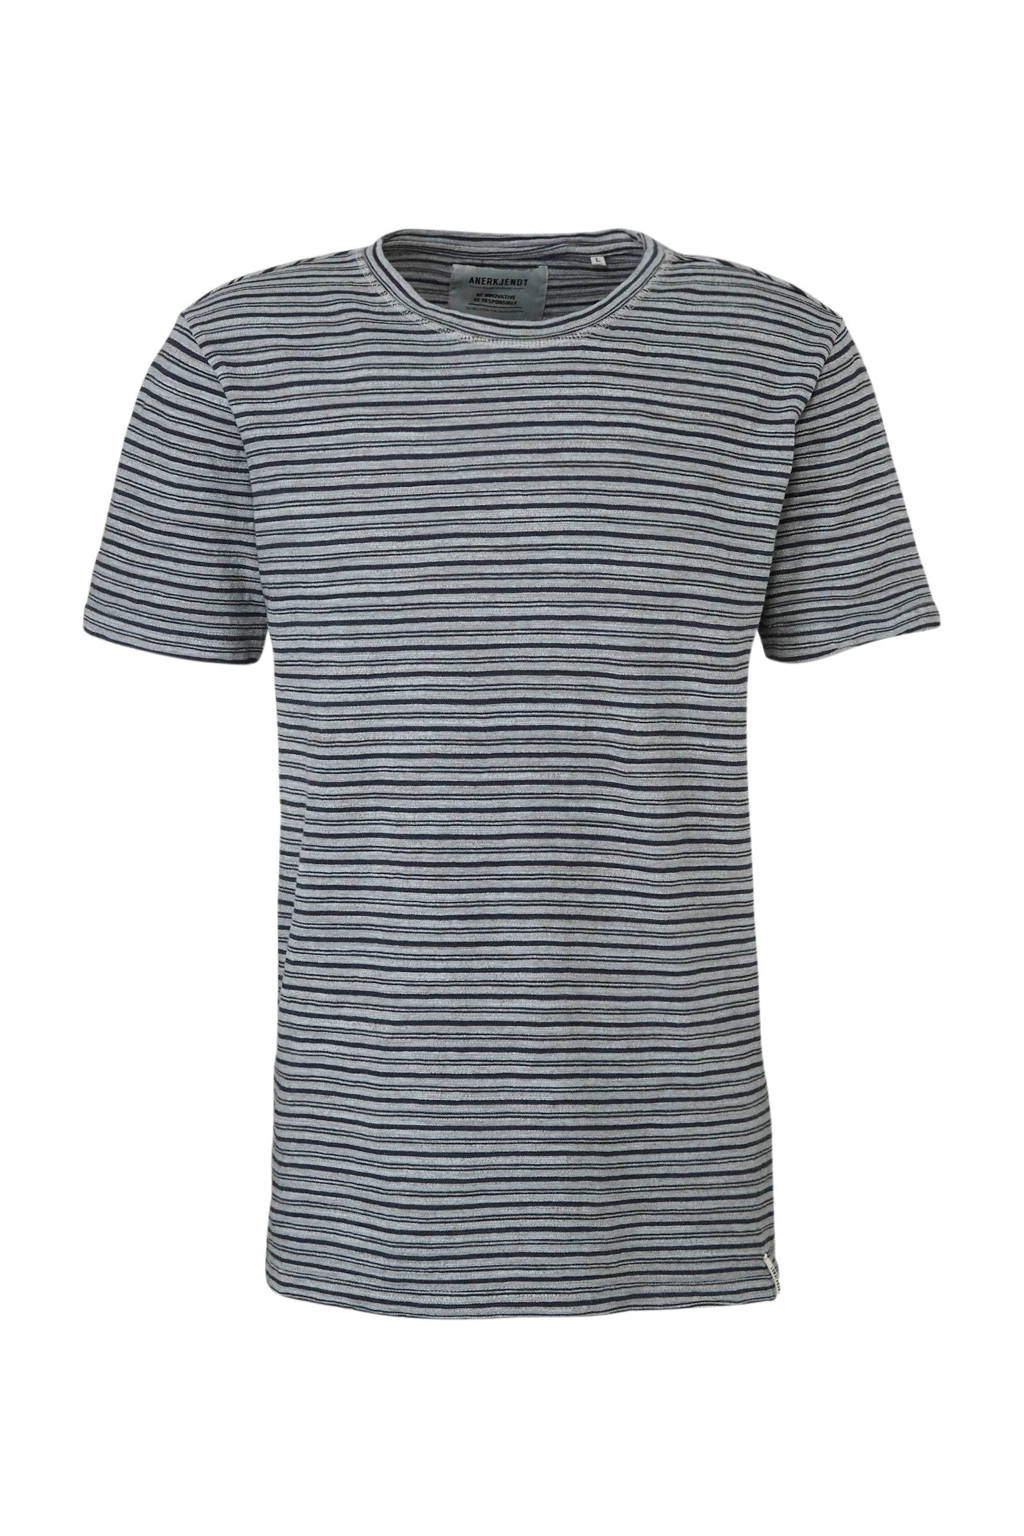 Anerkjendt gestreept T-shirt grijs, Grijs/blauw